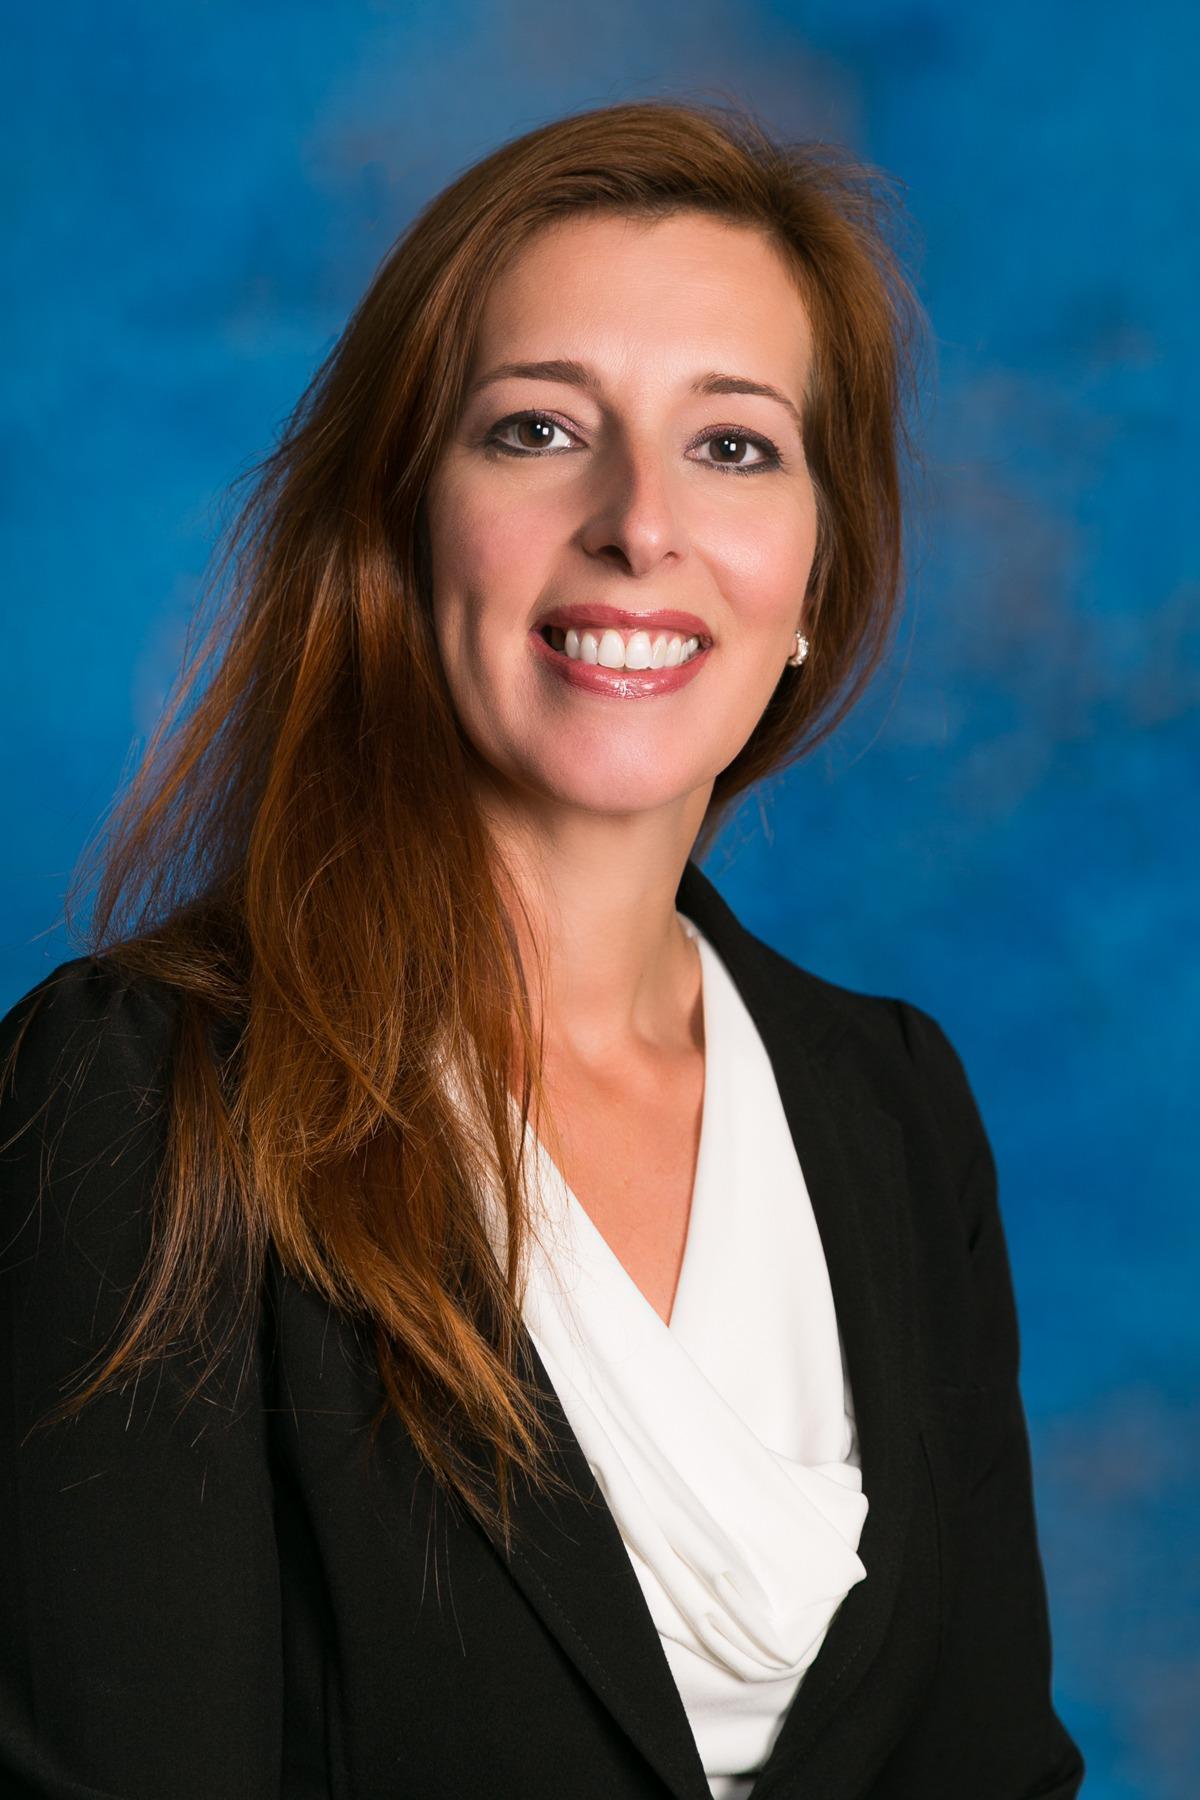 Lourdes Cardoso-Payroll